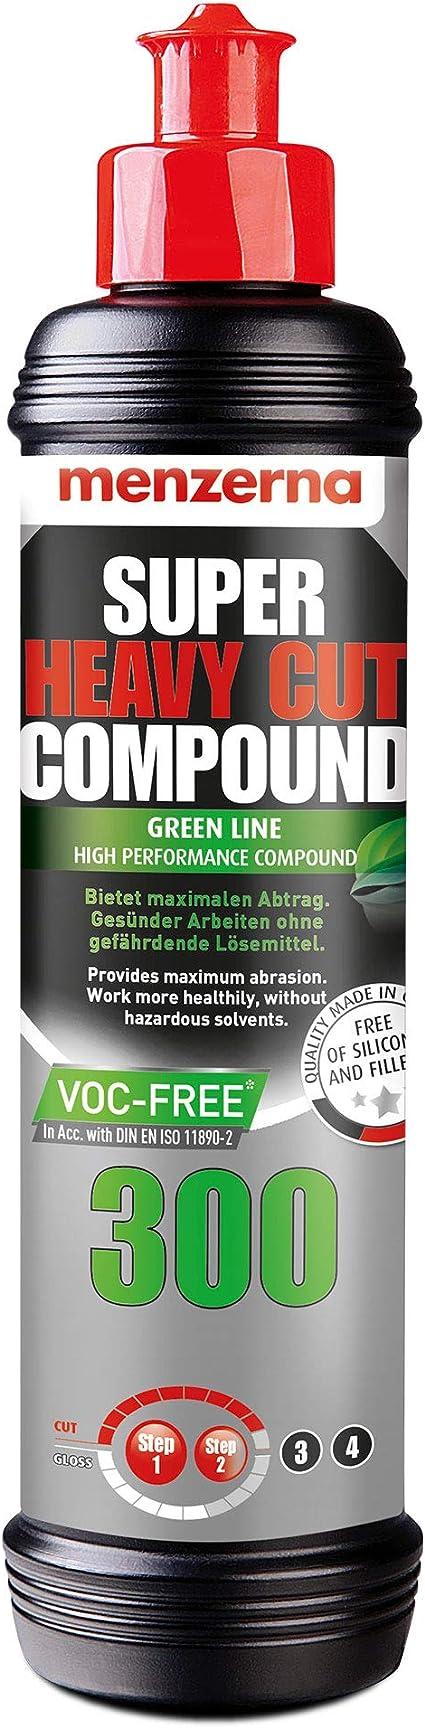 Menzerna Super Heavy Cut Compound 300 Green Line Voc Free 250 Ml Auto